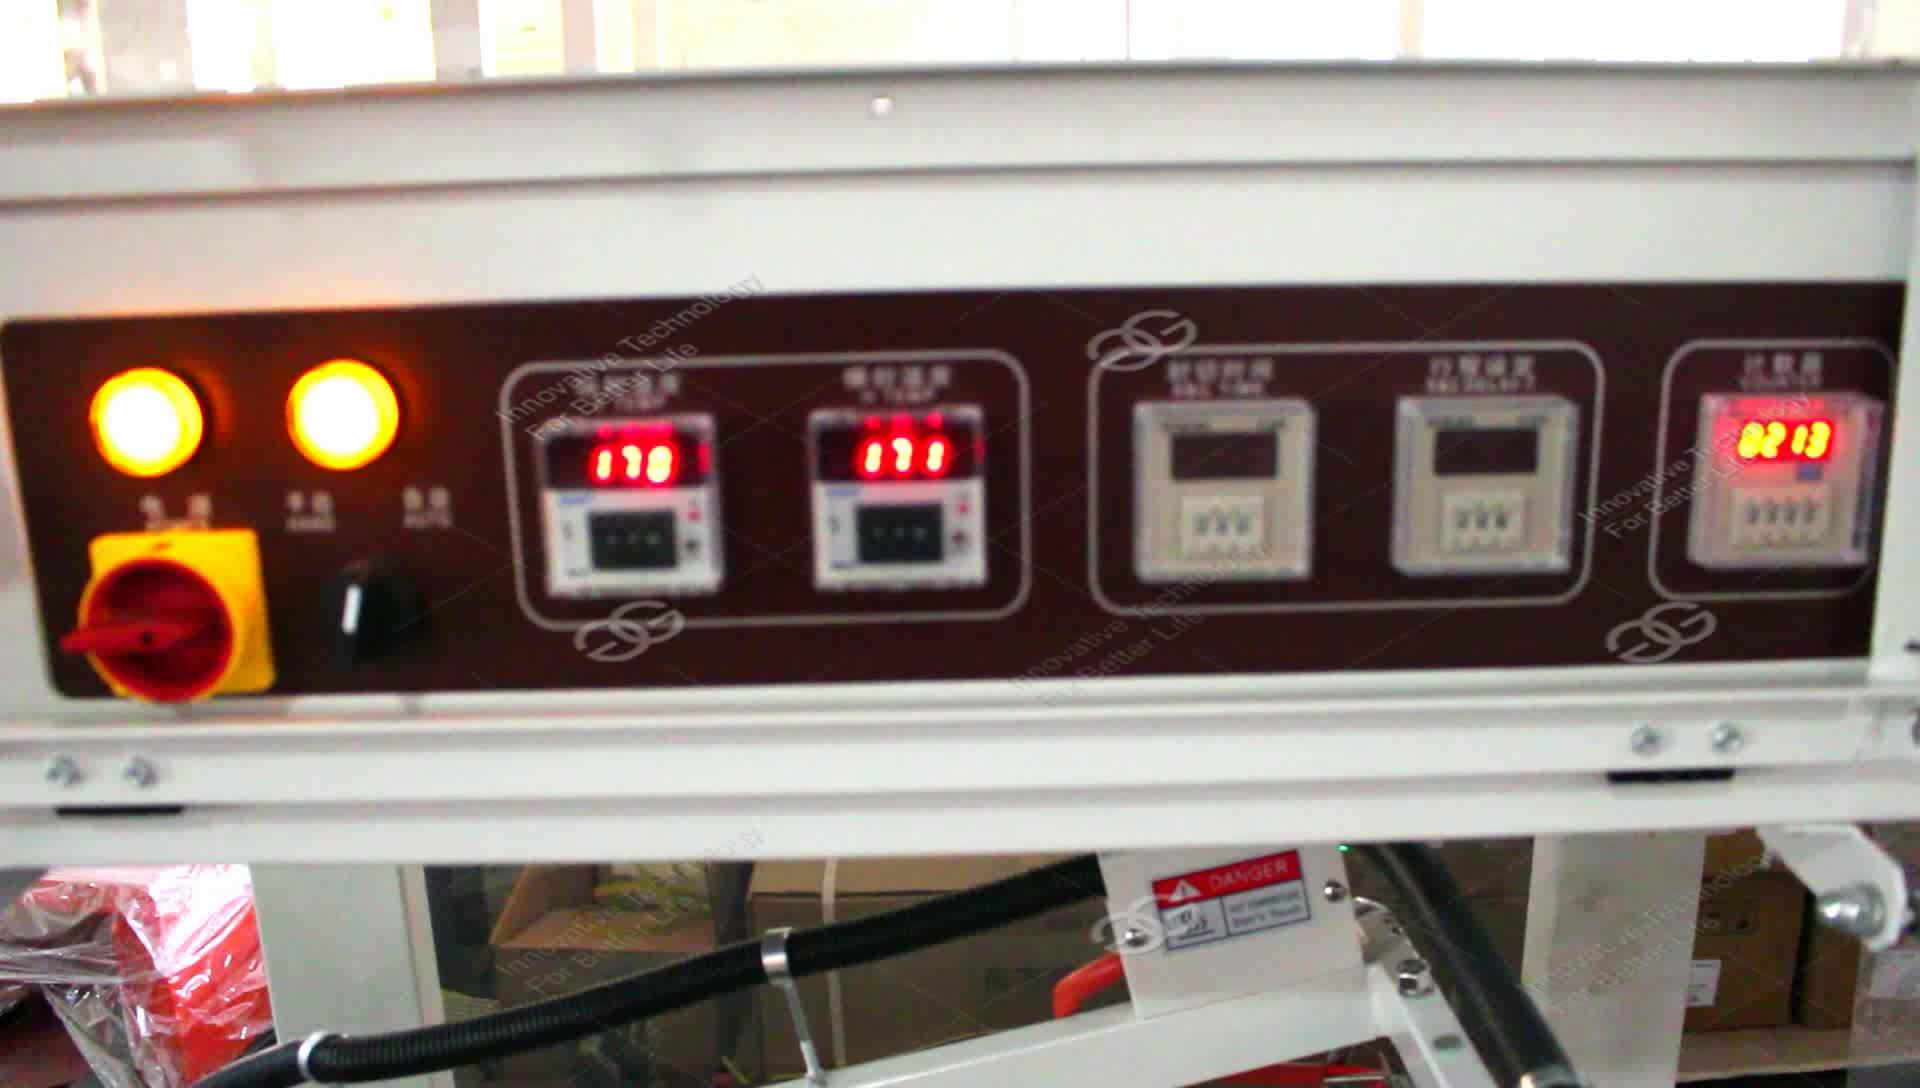 Manicotto automatico di Taglio Piccolo Telefono Cellulare Scatola di cartone Confezionamento in Film Pet Bottiglia Termica di Calore Shrink Tunnel Avvolgimento Macchina